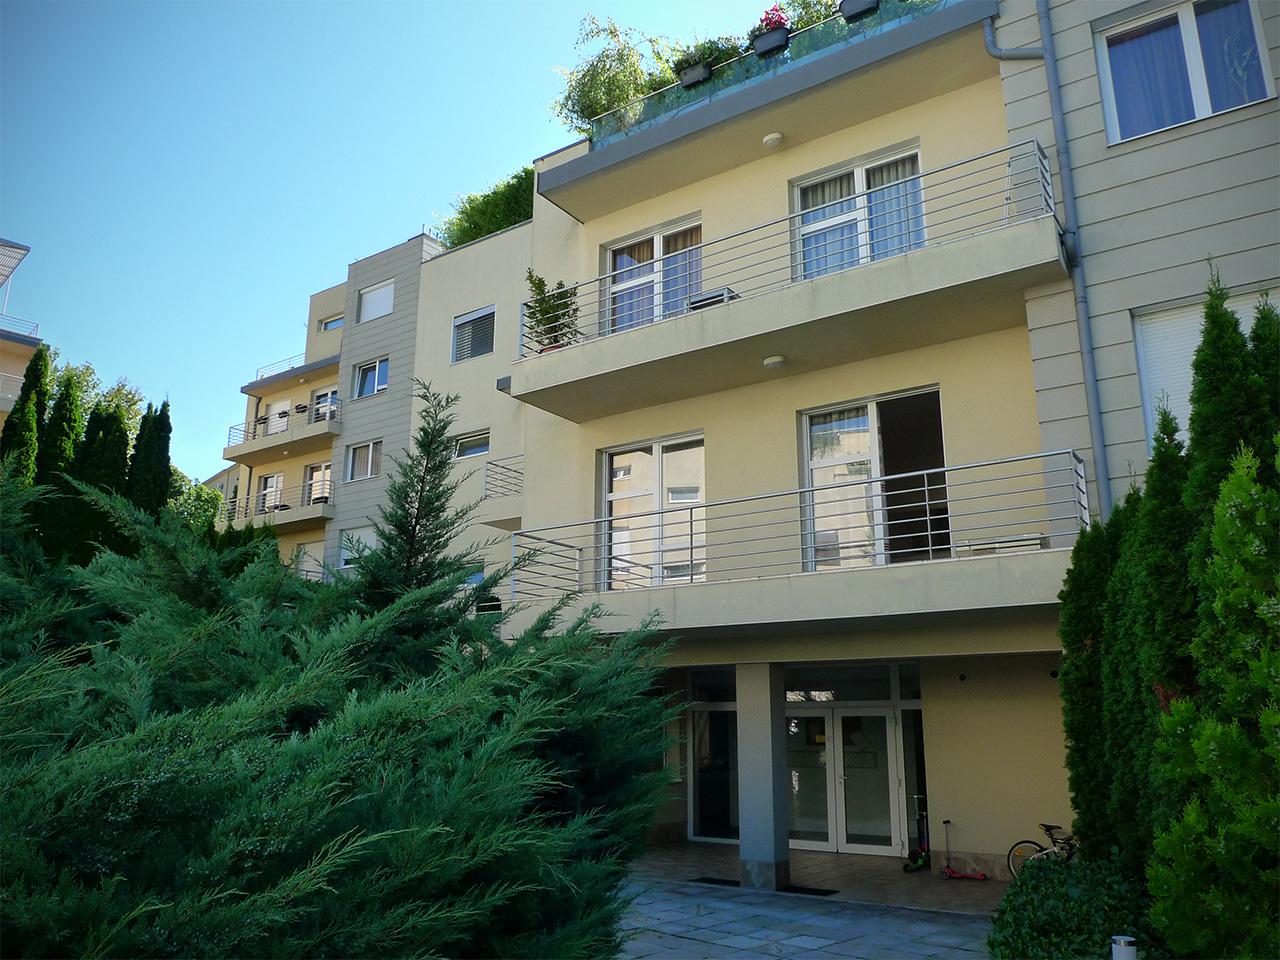 Duna House: Éves összevetésben 7 százalékkal gyengült az ingatlanpiac októberben